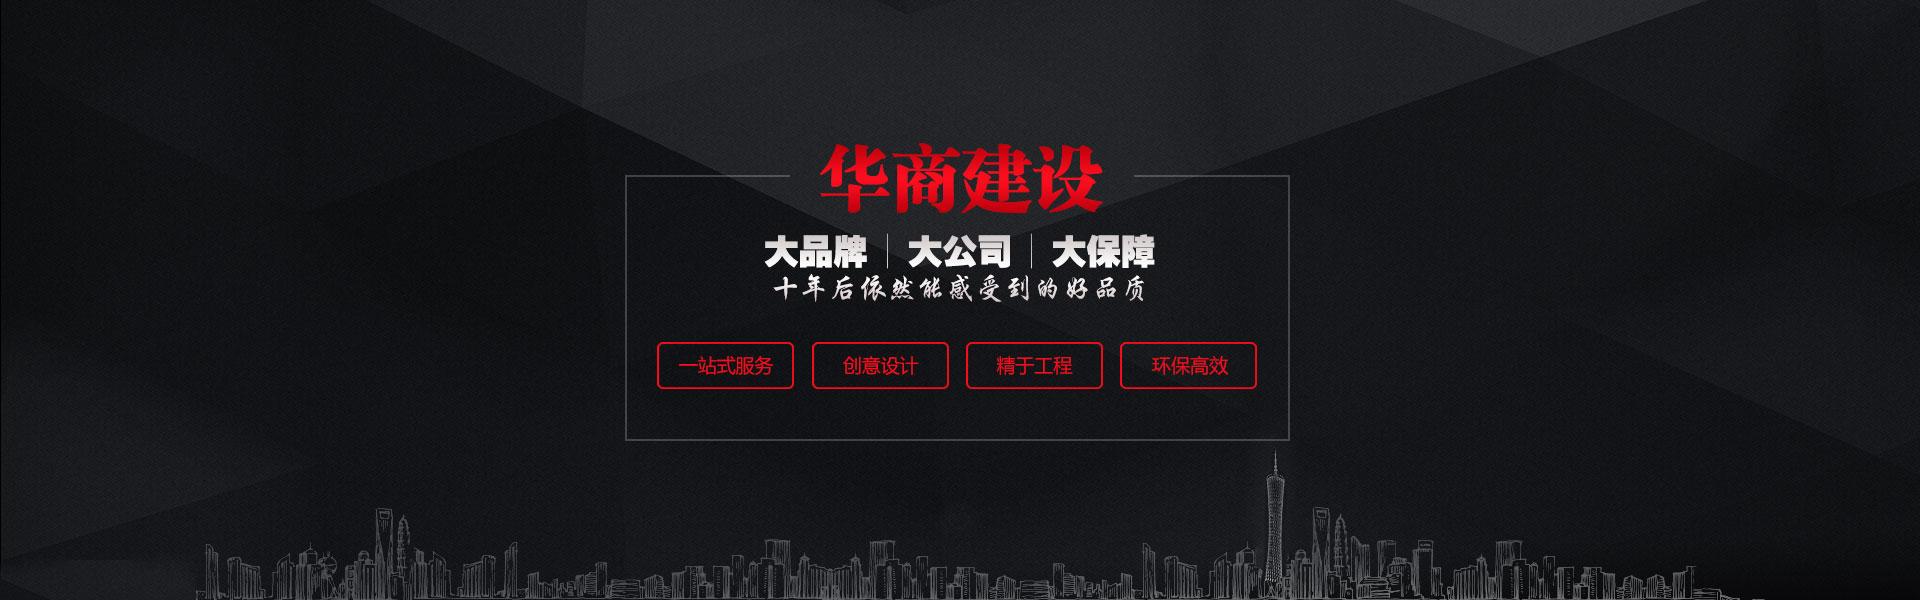 广州整装公司